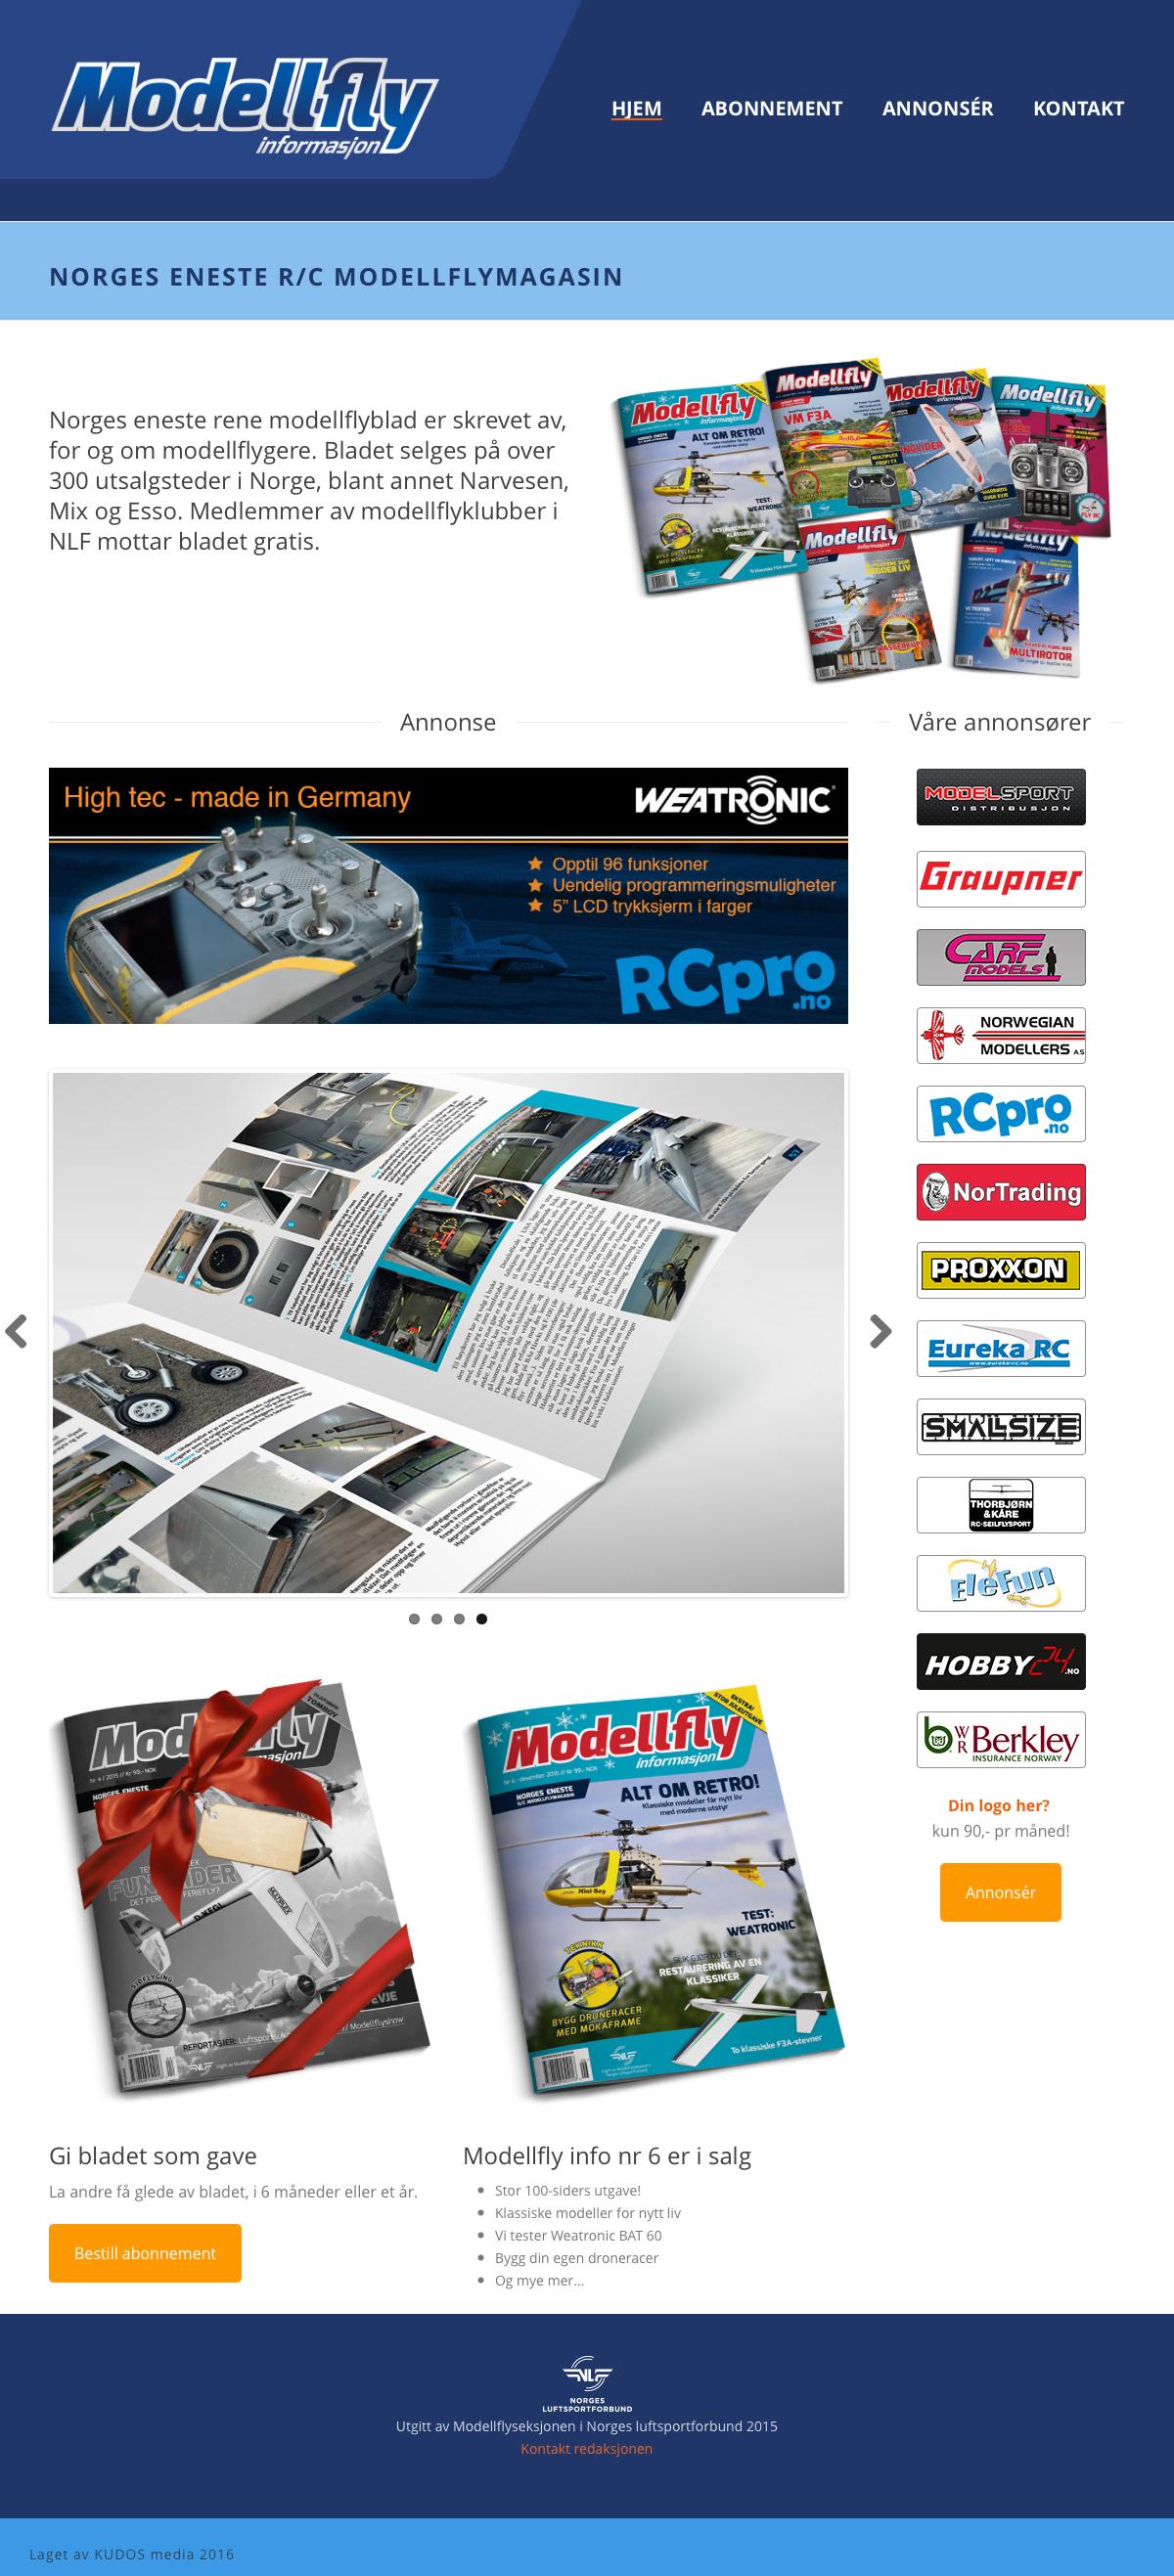 modellfly informasjon webside kudos media